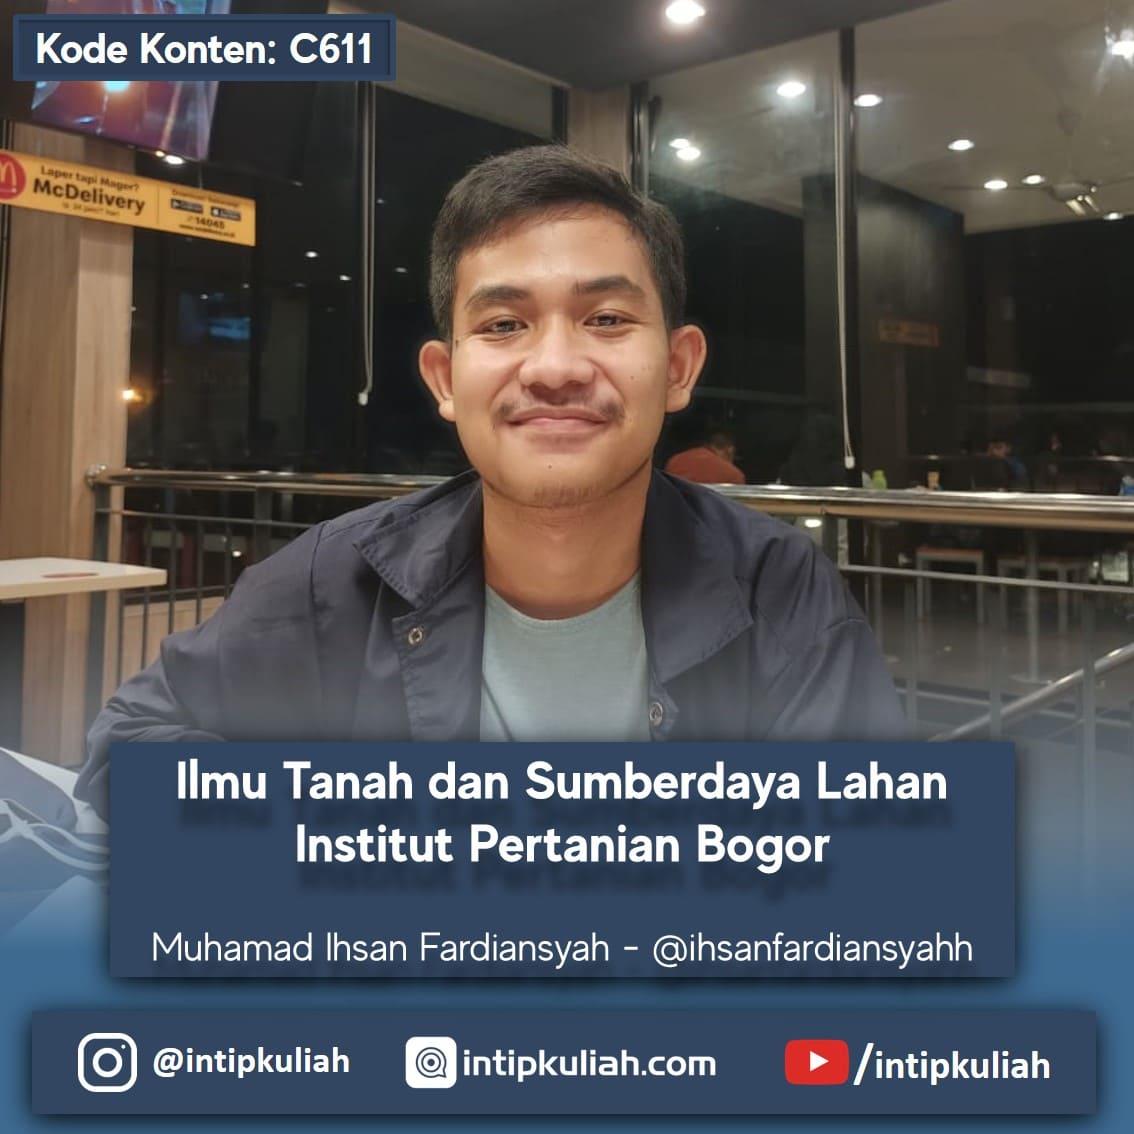 Ilmu Tanah dan Sumberdaya Lahan IPB University (Ihsan)